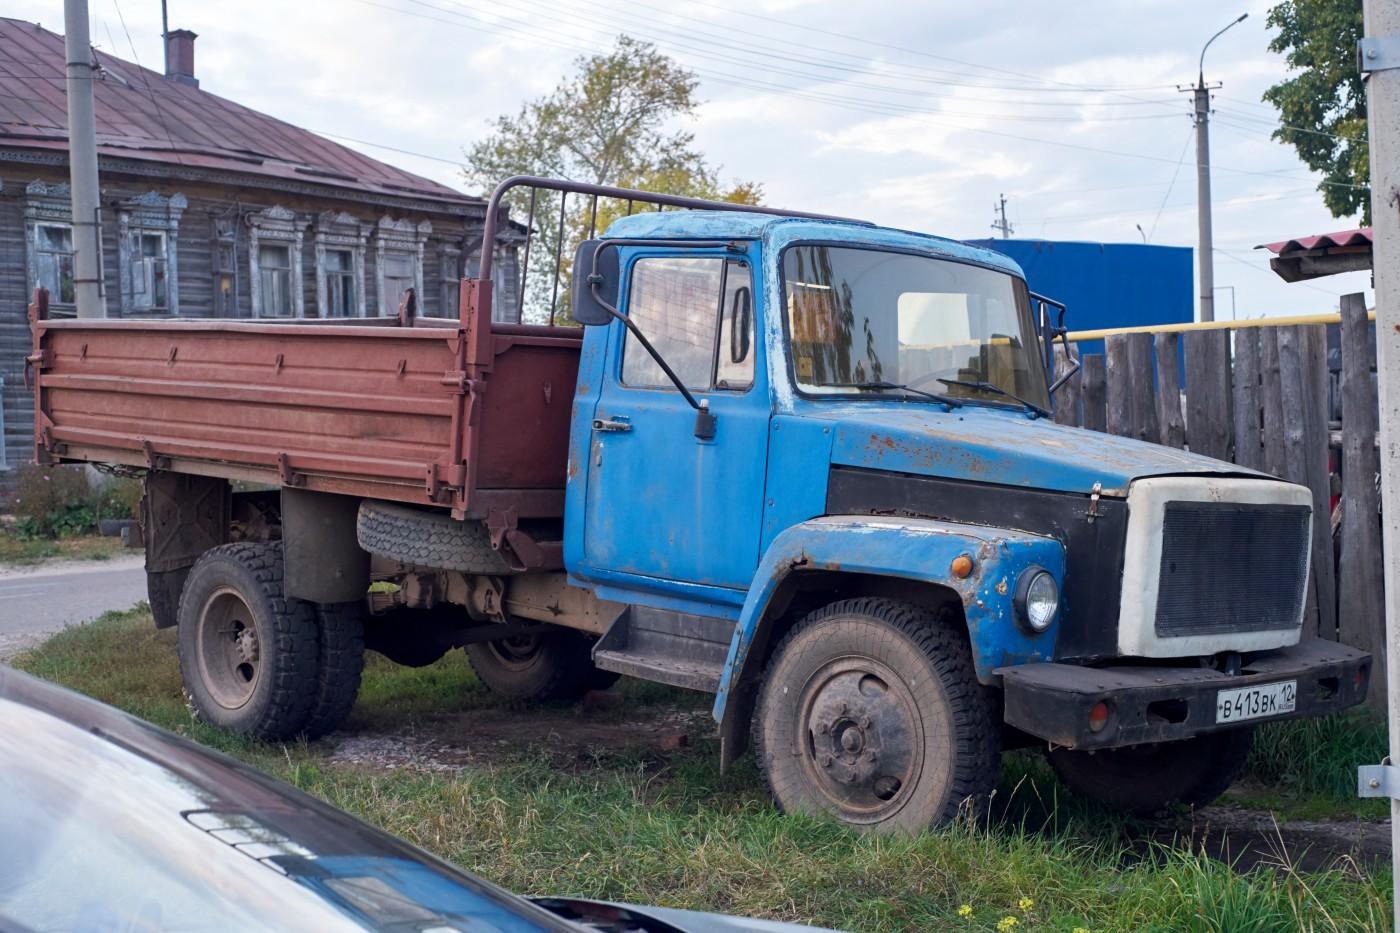 грузовой автомобиль ГАЗ-3307. Марий Эл, г. Козьмодемьянск, ул. Чкалова